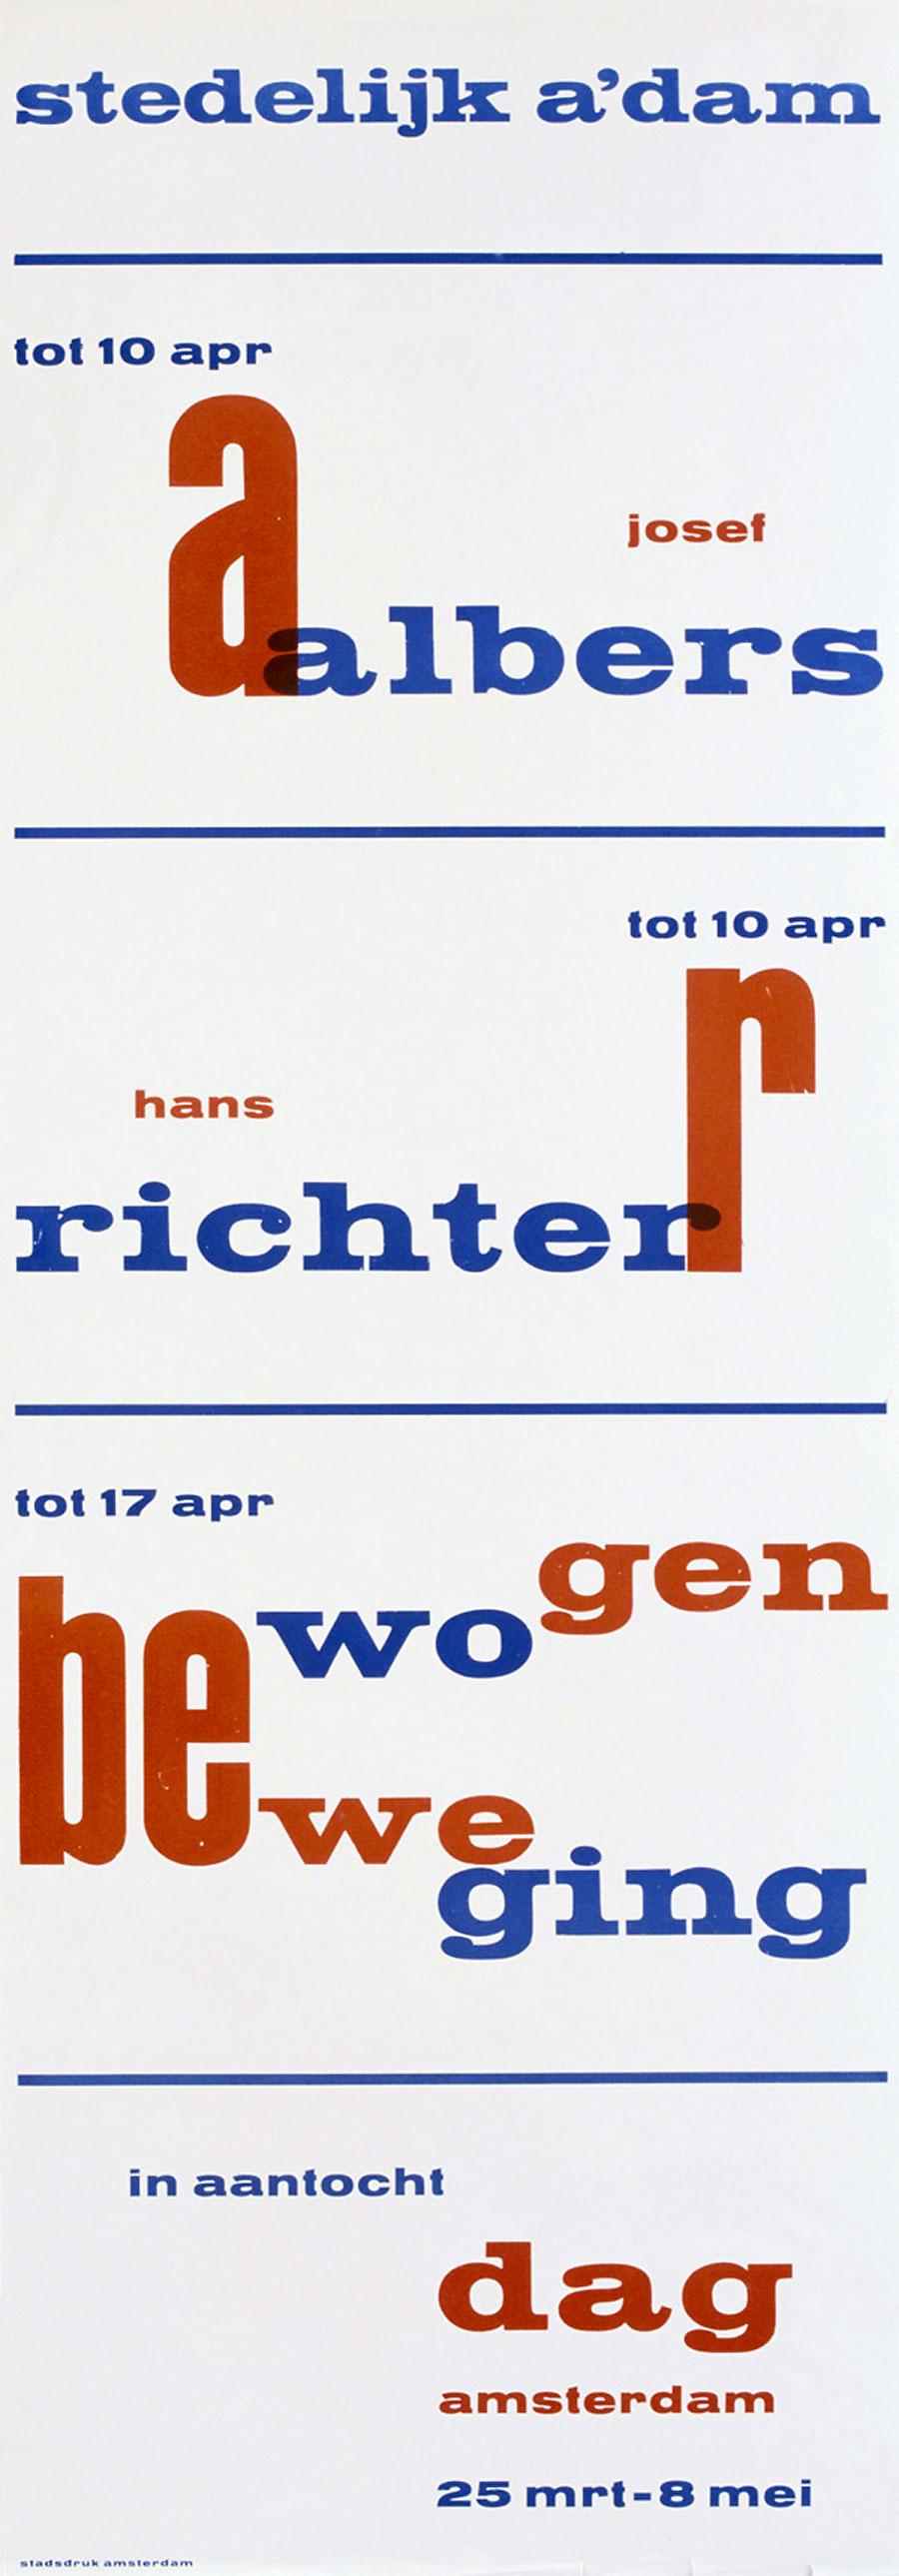 Willem-Sandberg-affiche-stedelijk